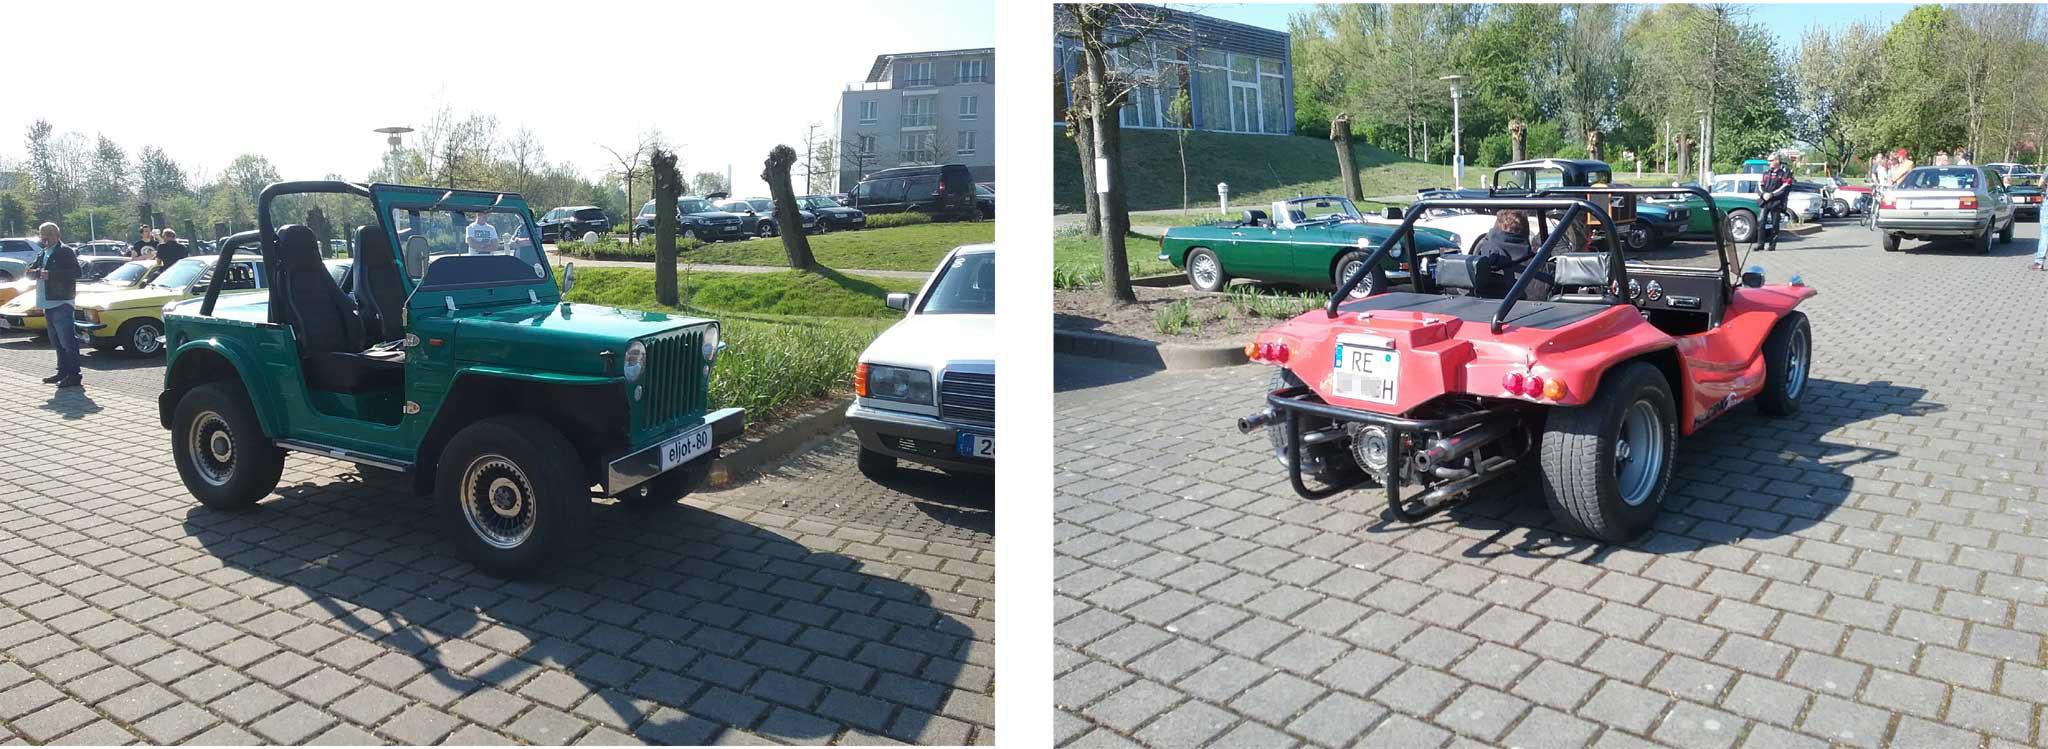 Bilder vom Buggy und Eljot-80